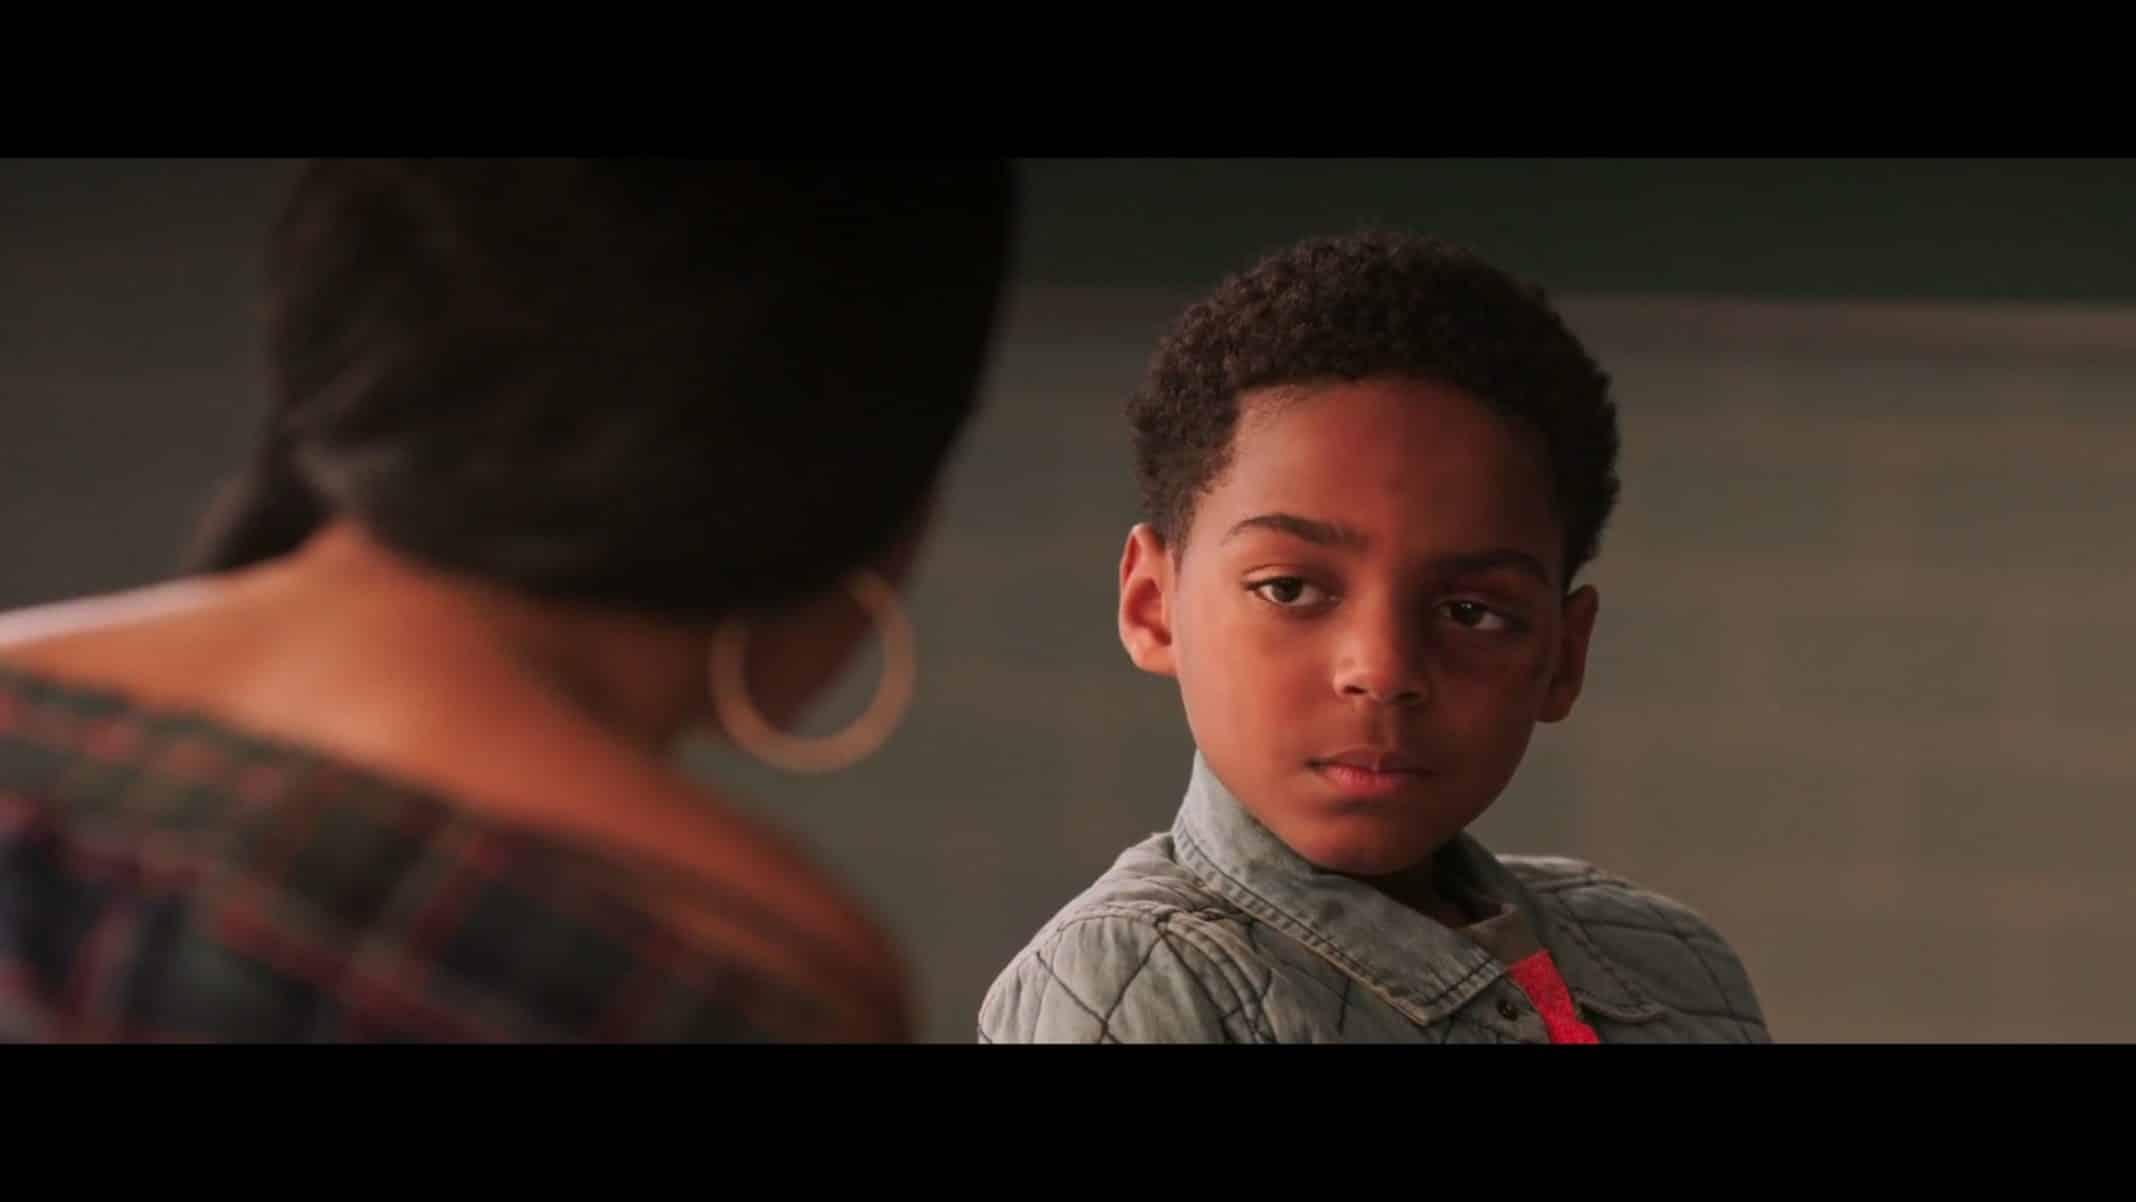 Jaylin (Jonny Berryman) in trouble after fighting at school.